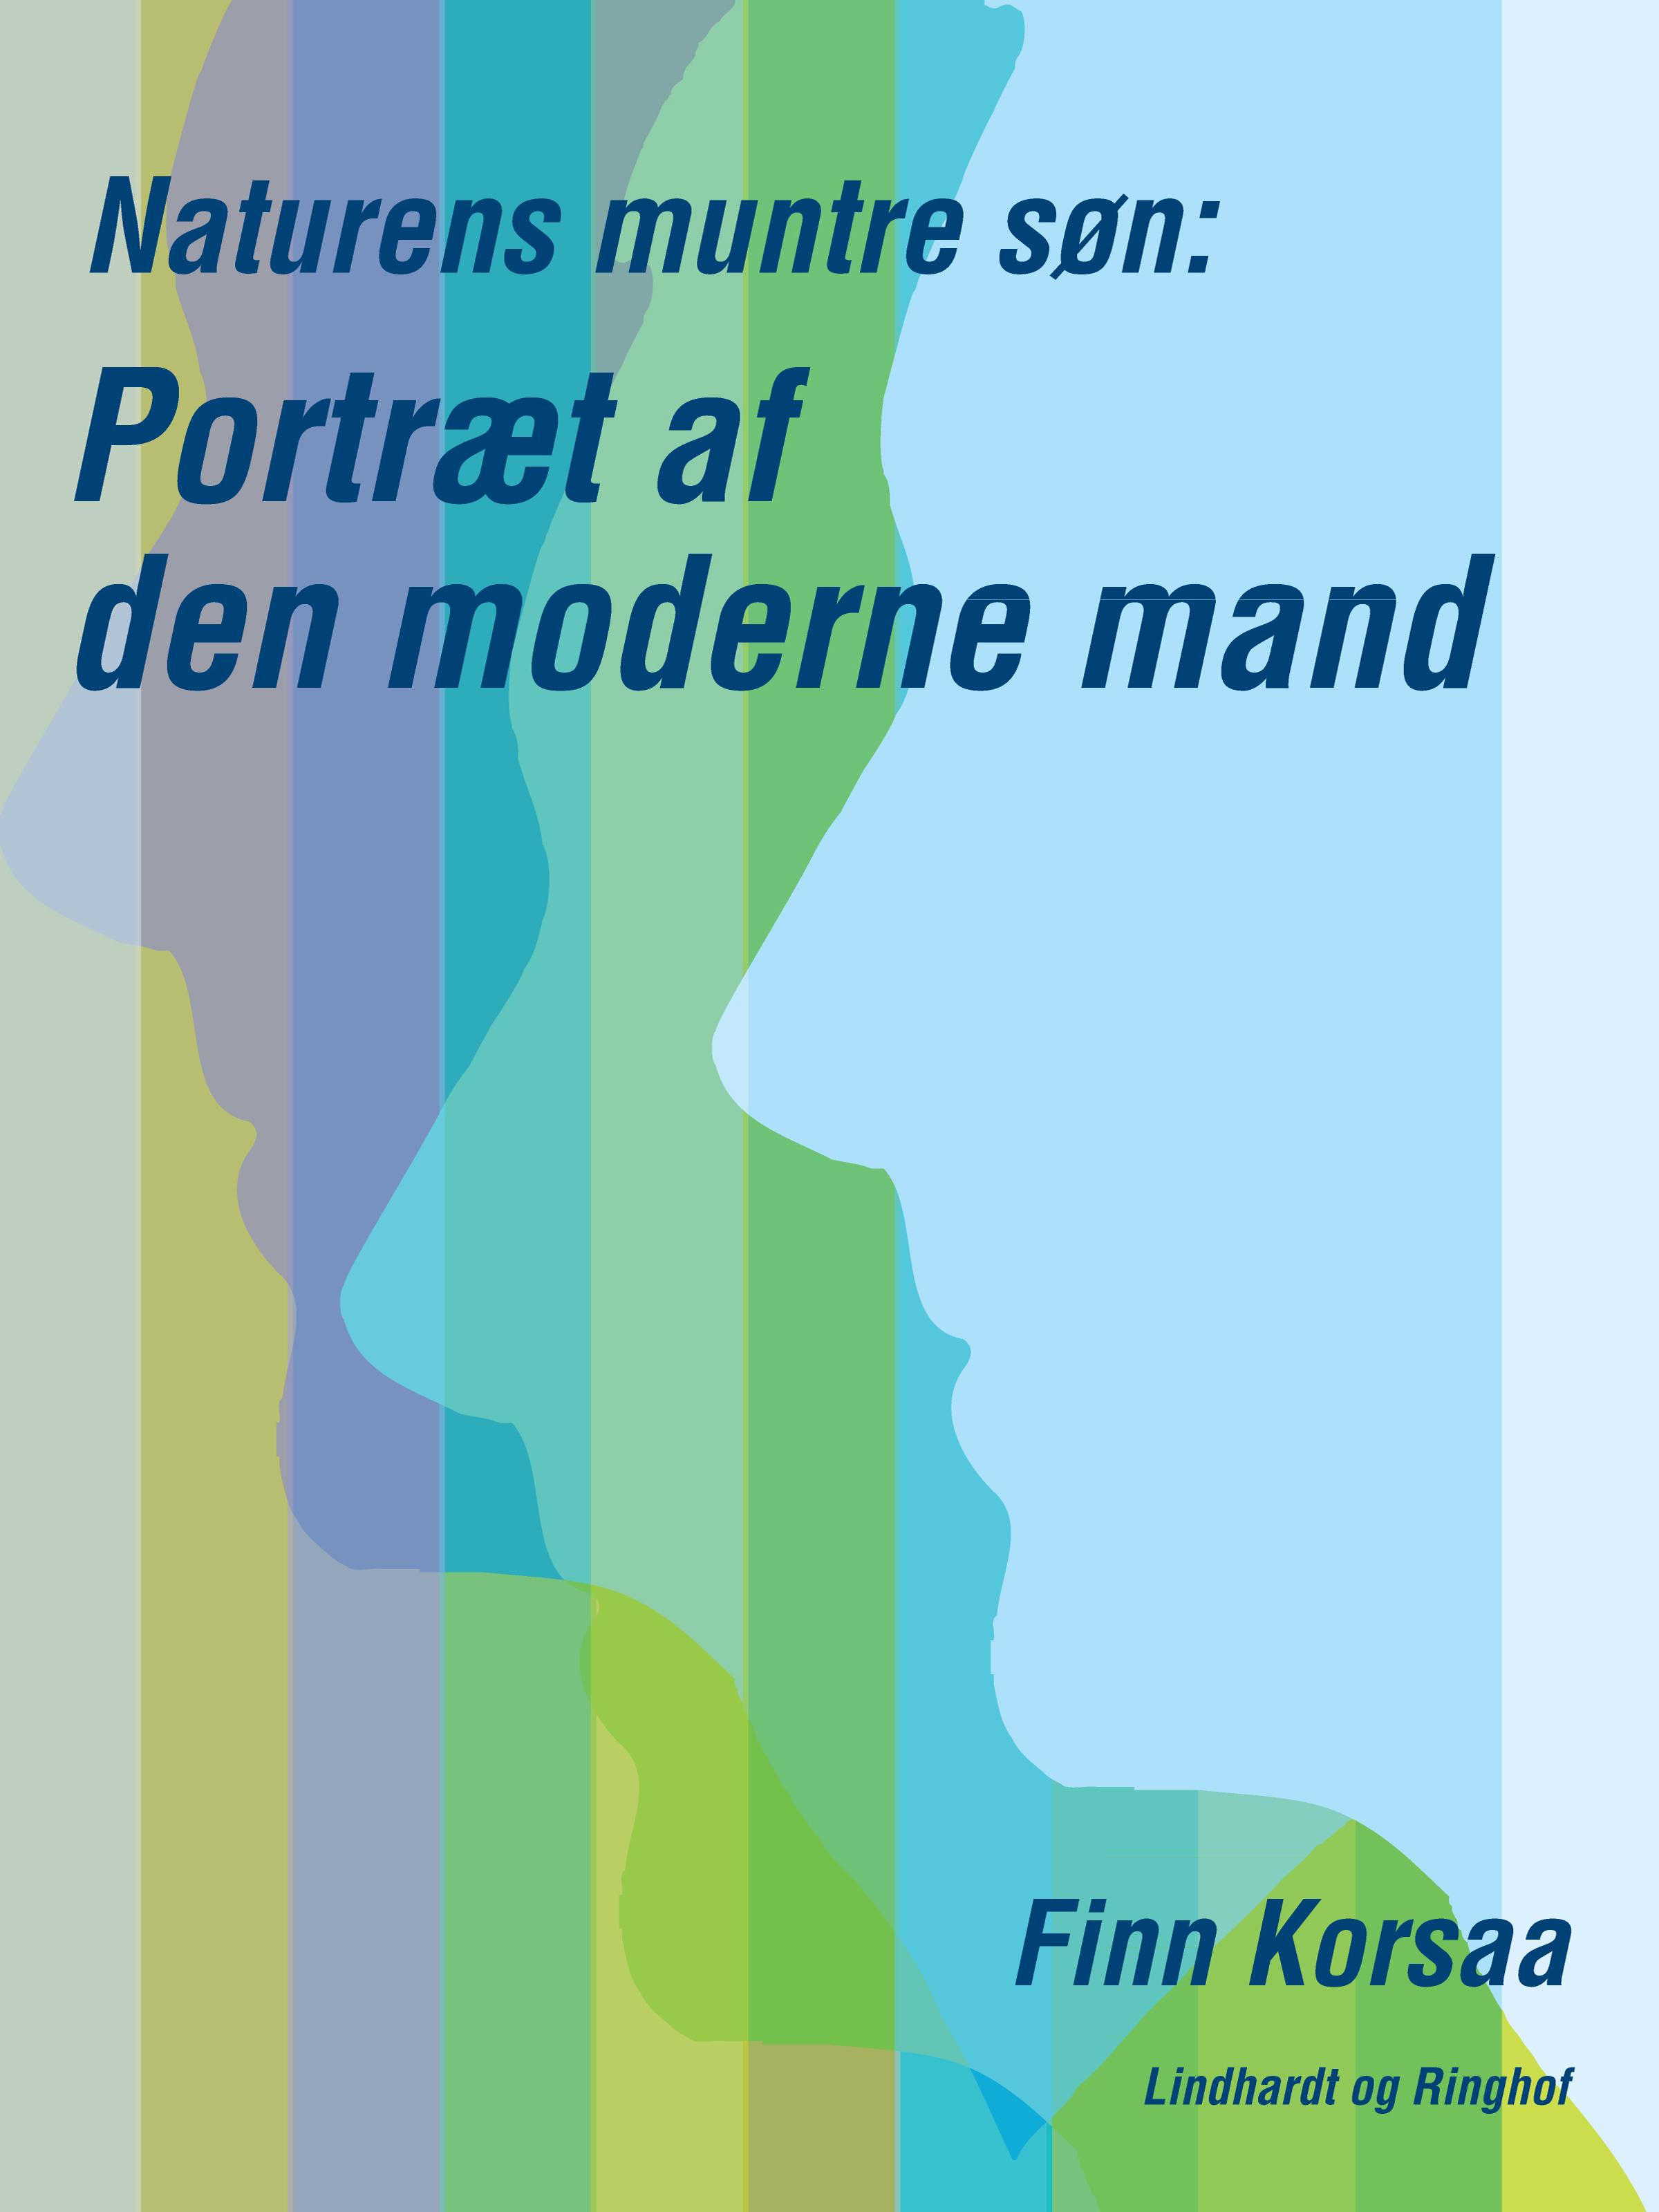 Naturens muntre søn: portræt af den moderne mand - E-bog